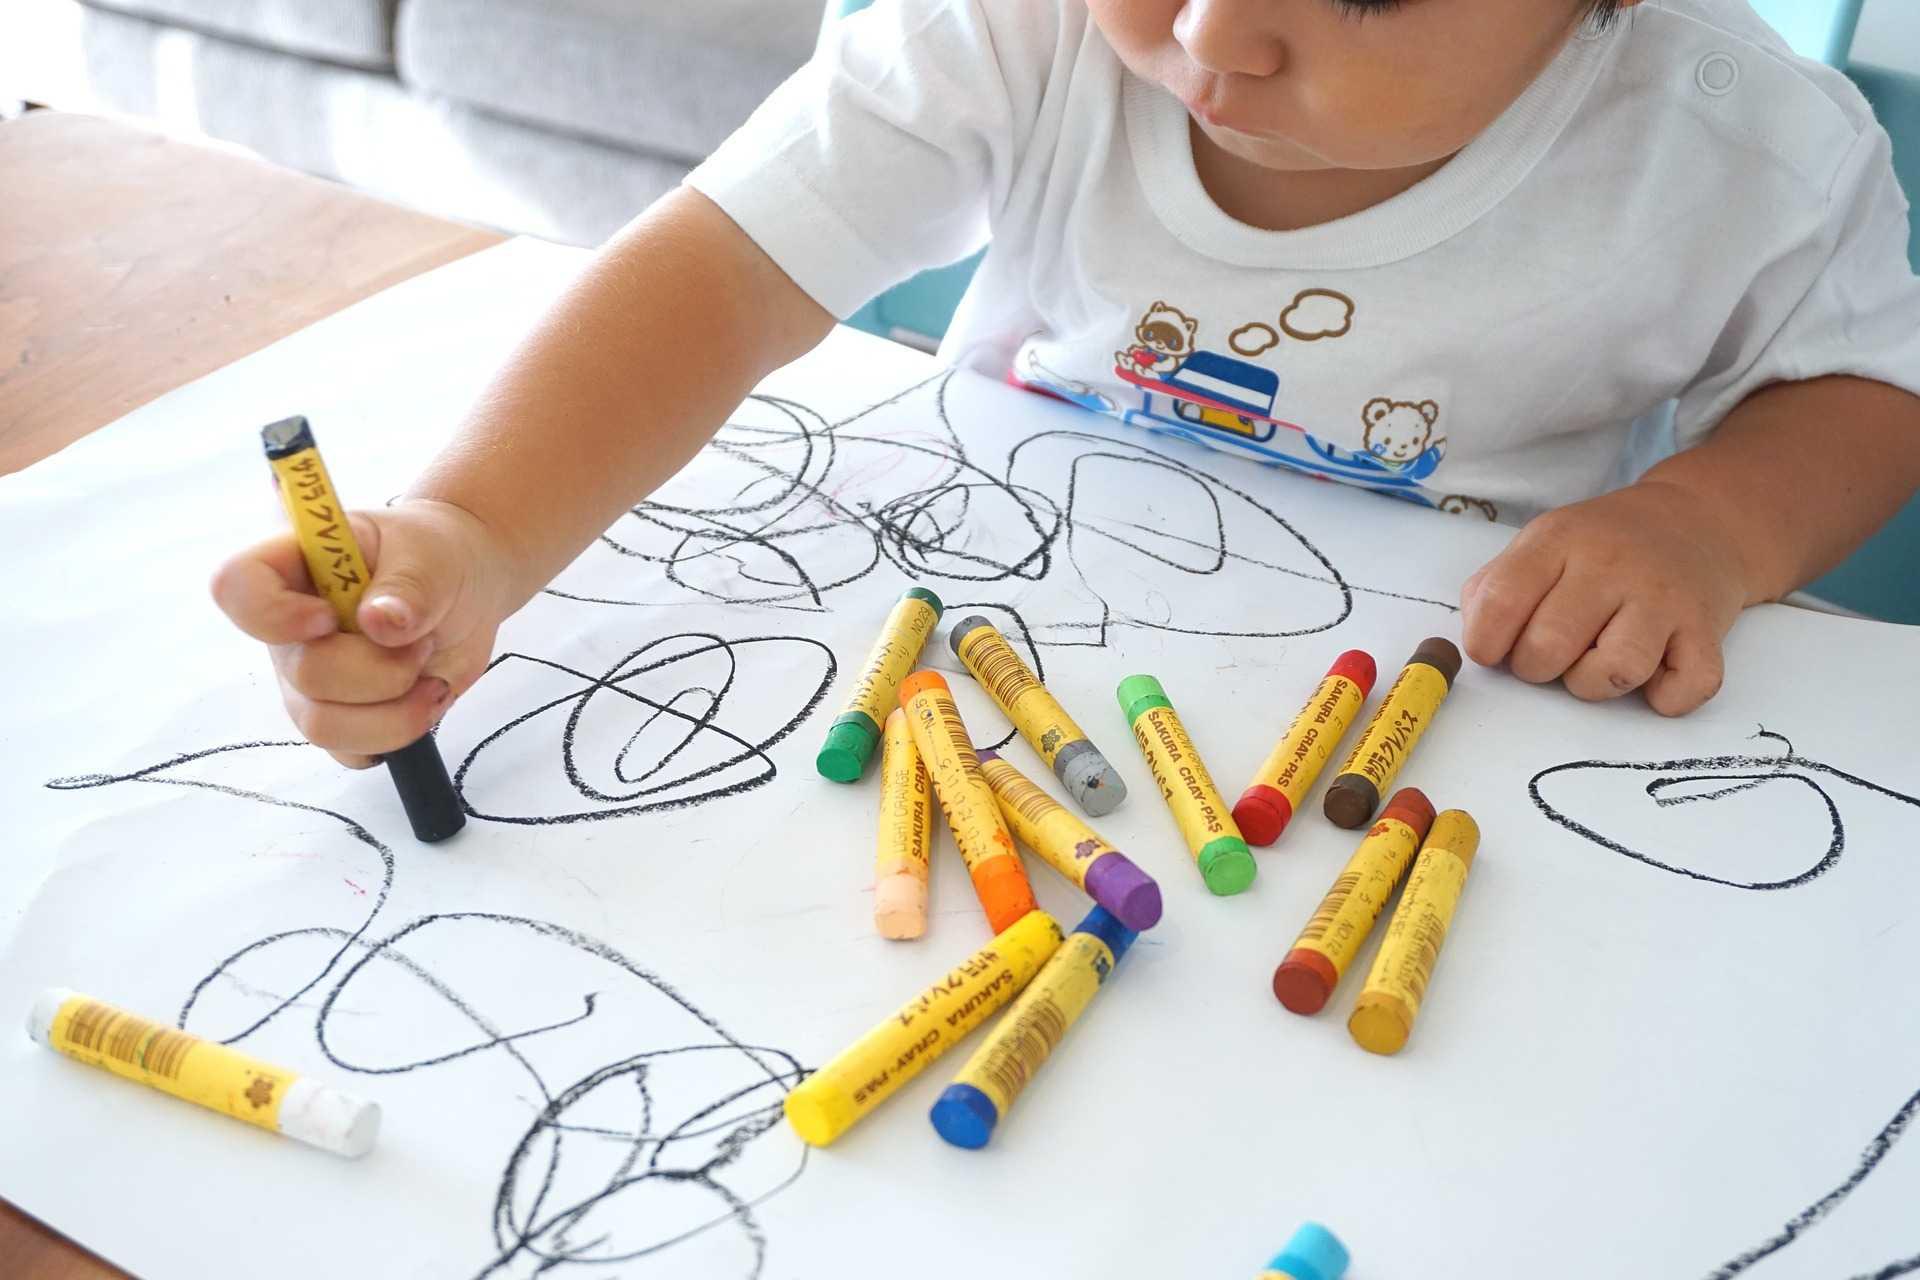 子供がお絵かきしている画像